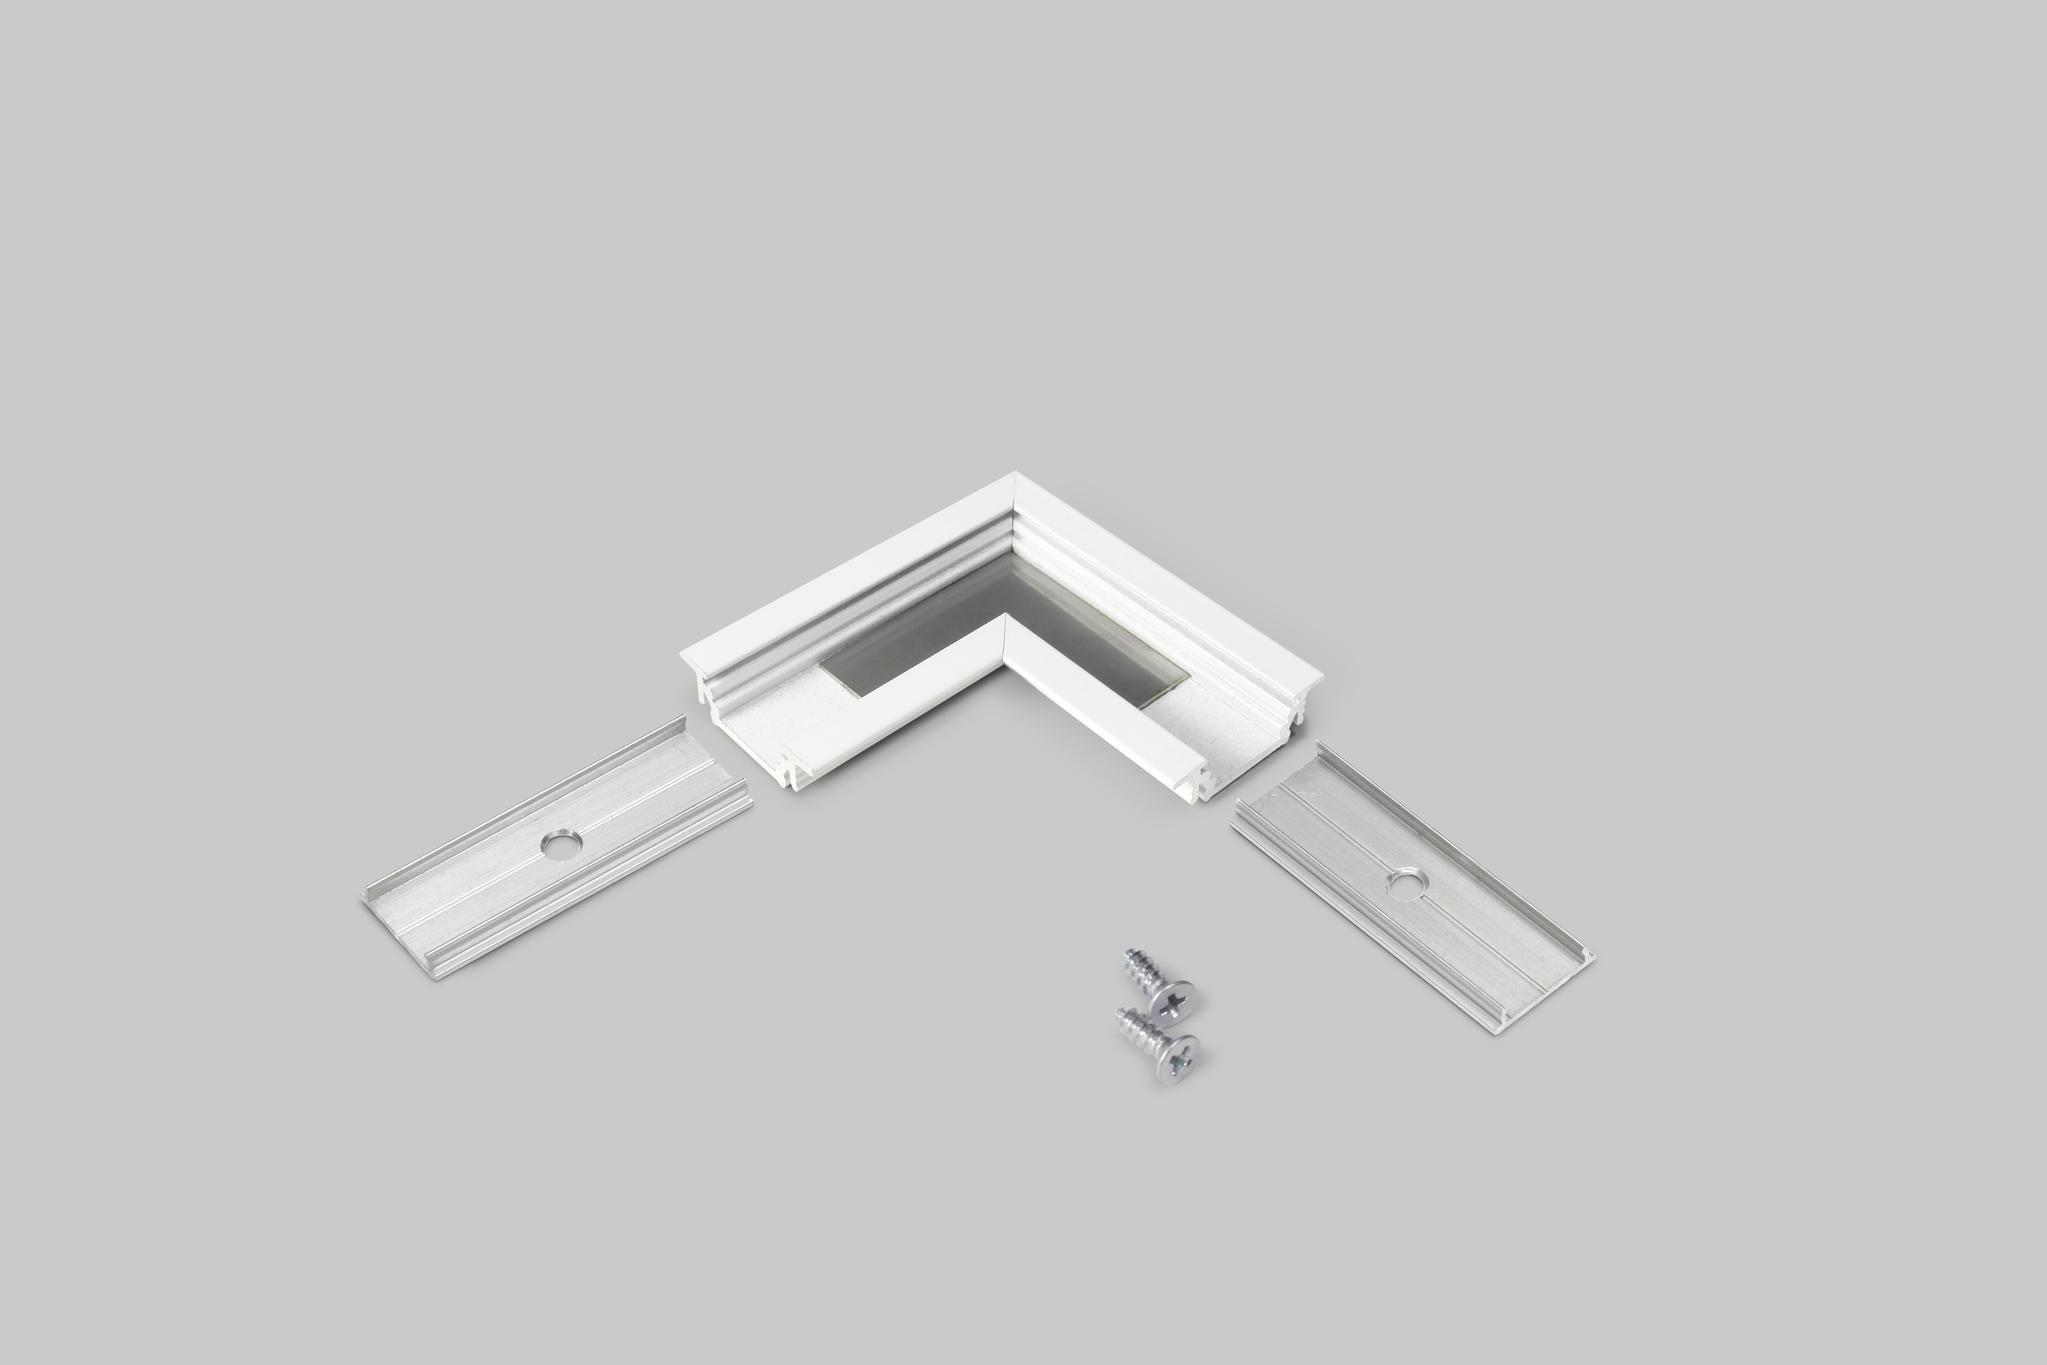 hoek connector wit voor inbouw profiel